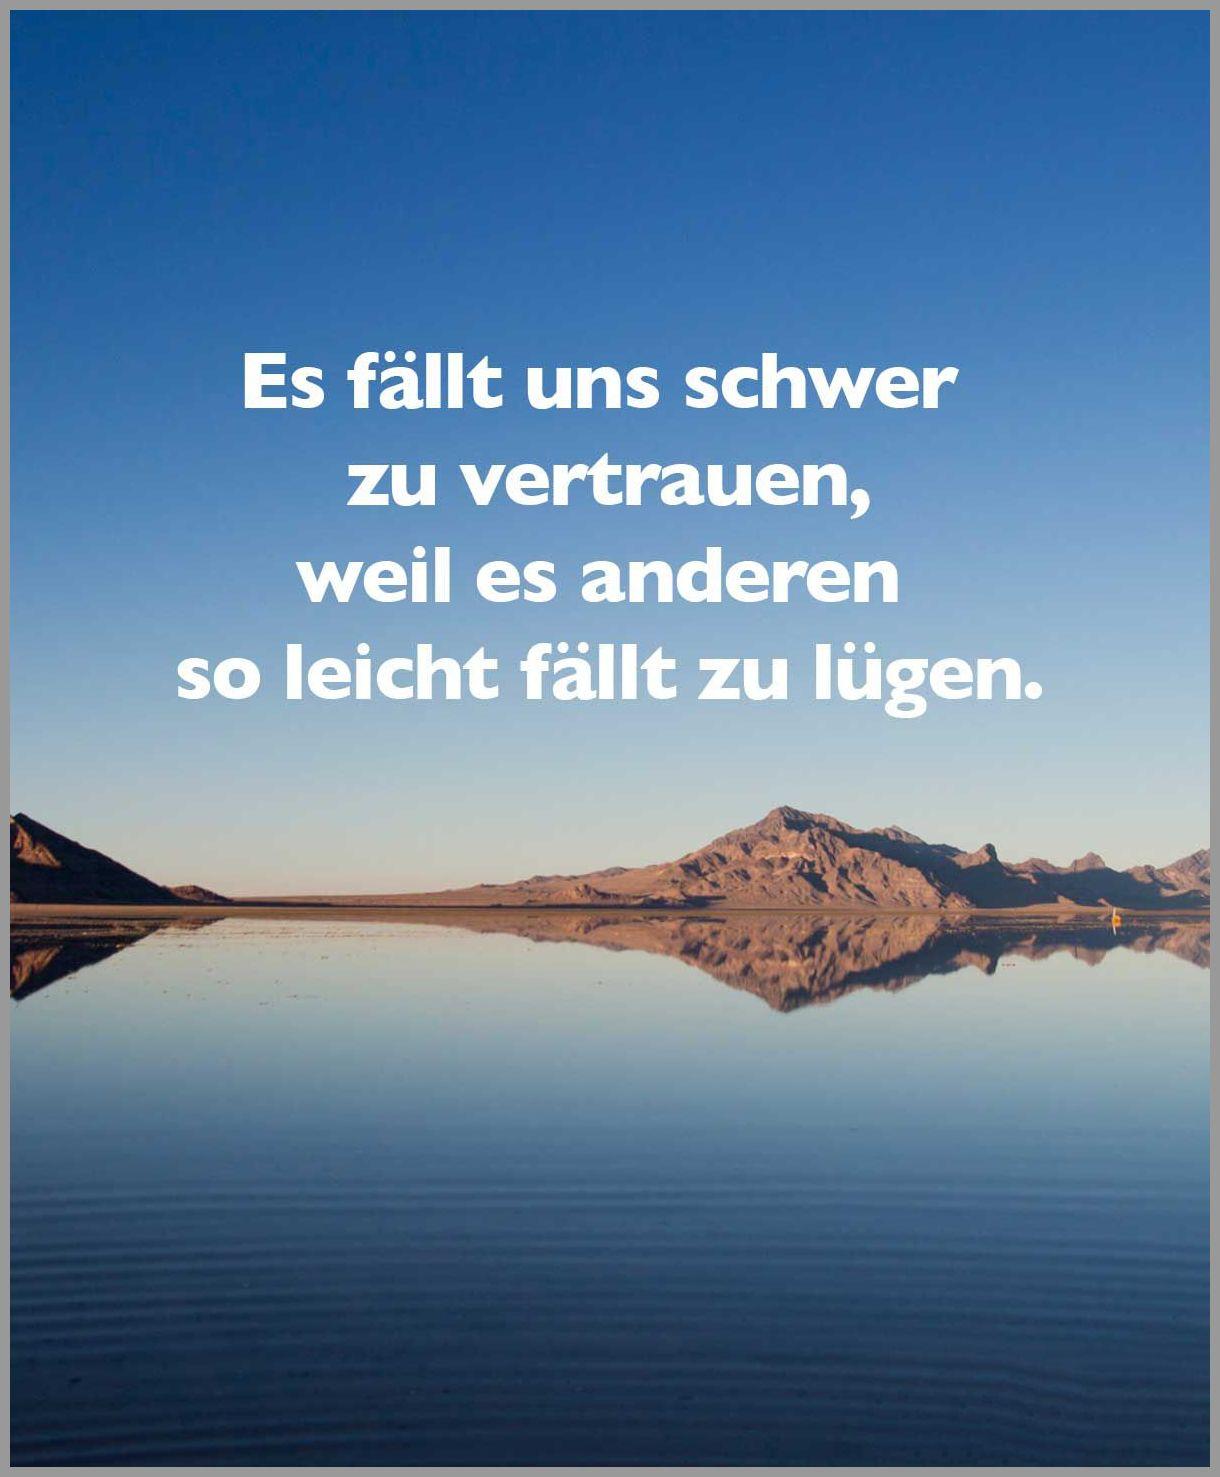 Es faellt uns schwer zu vertrauen weil es anderen so leicht faellt zu luegen - Es faellt uns schwer zu vertrauen weil es anderen so leicht faellt zu luegen